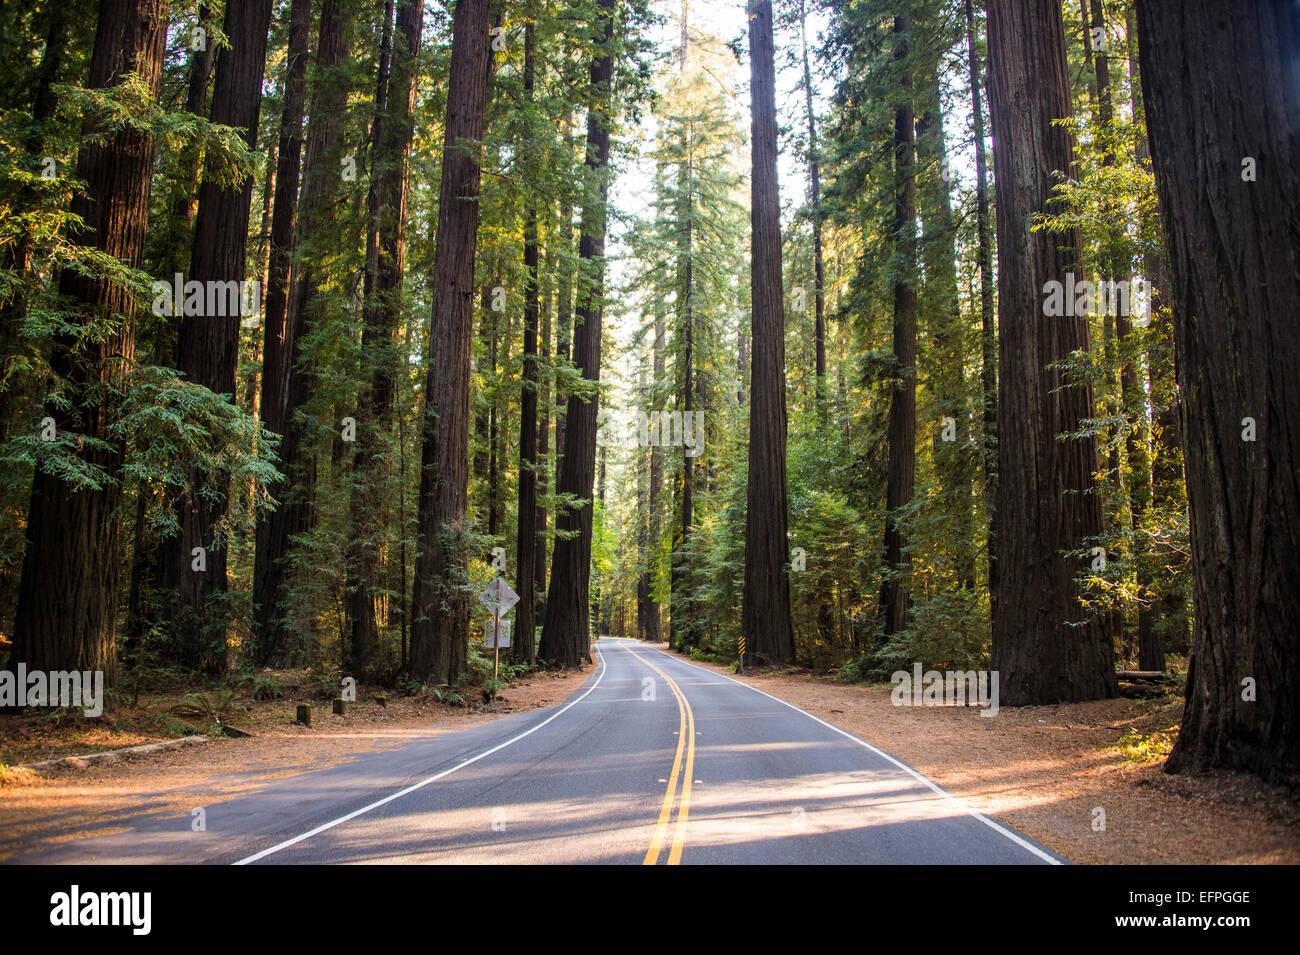 Camino a través de la Avenida de los gigantes, Secoyas Gigantes, en el norte de California, EE.UU. Imagen De Stock